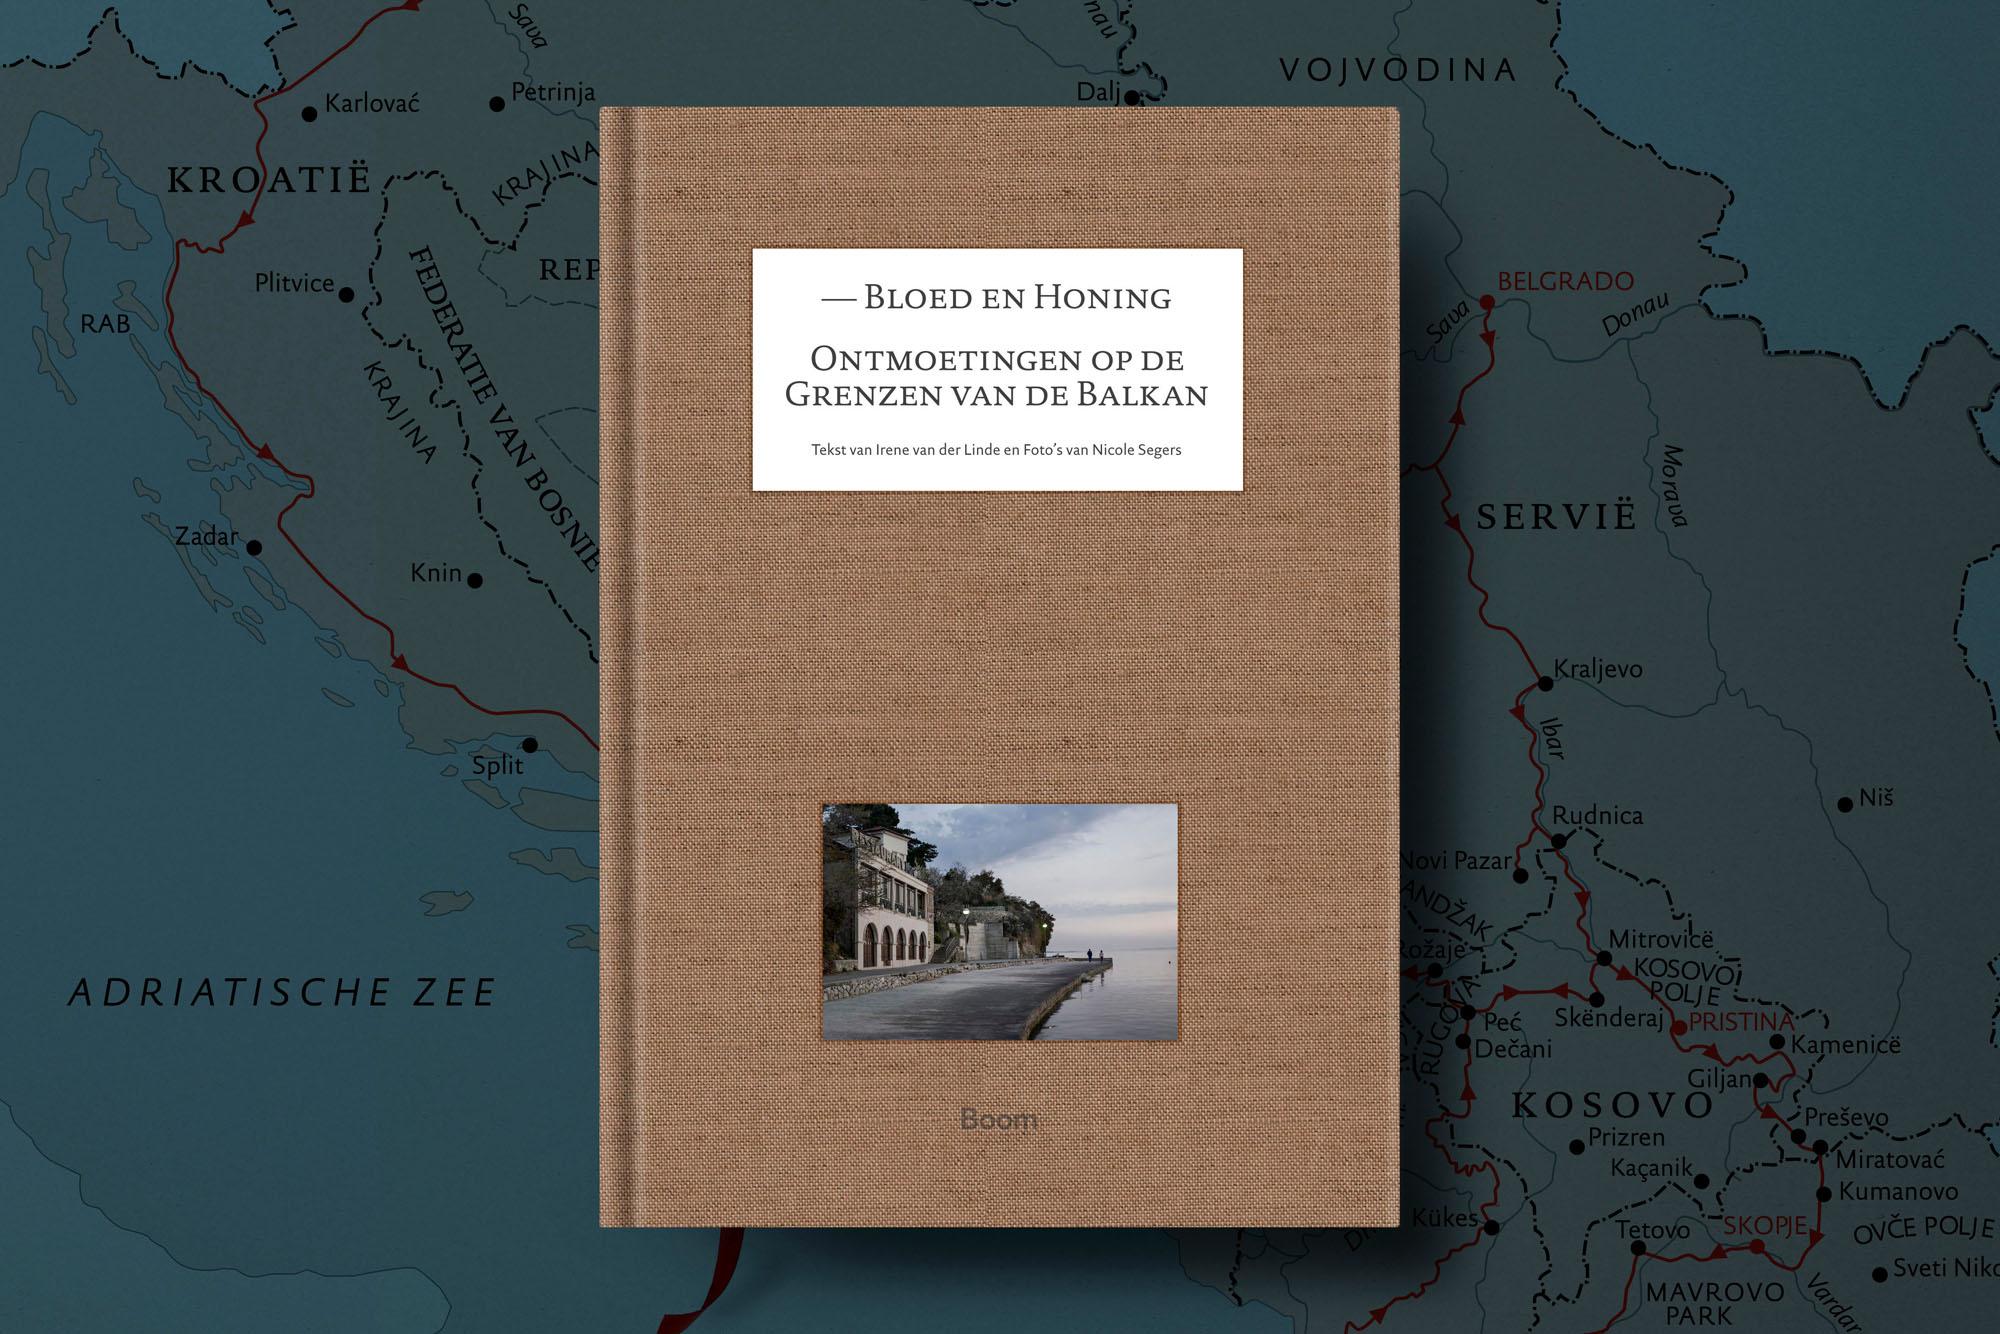 Bloed en Honing door Irene van der Linde & Nicole Segers